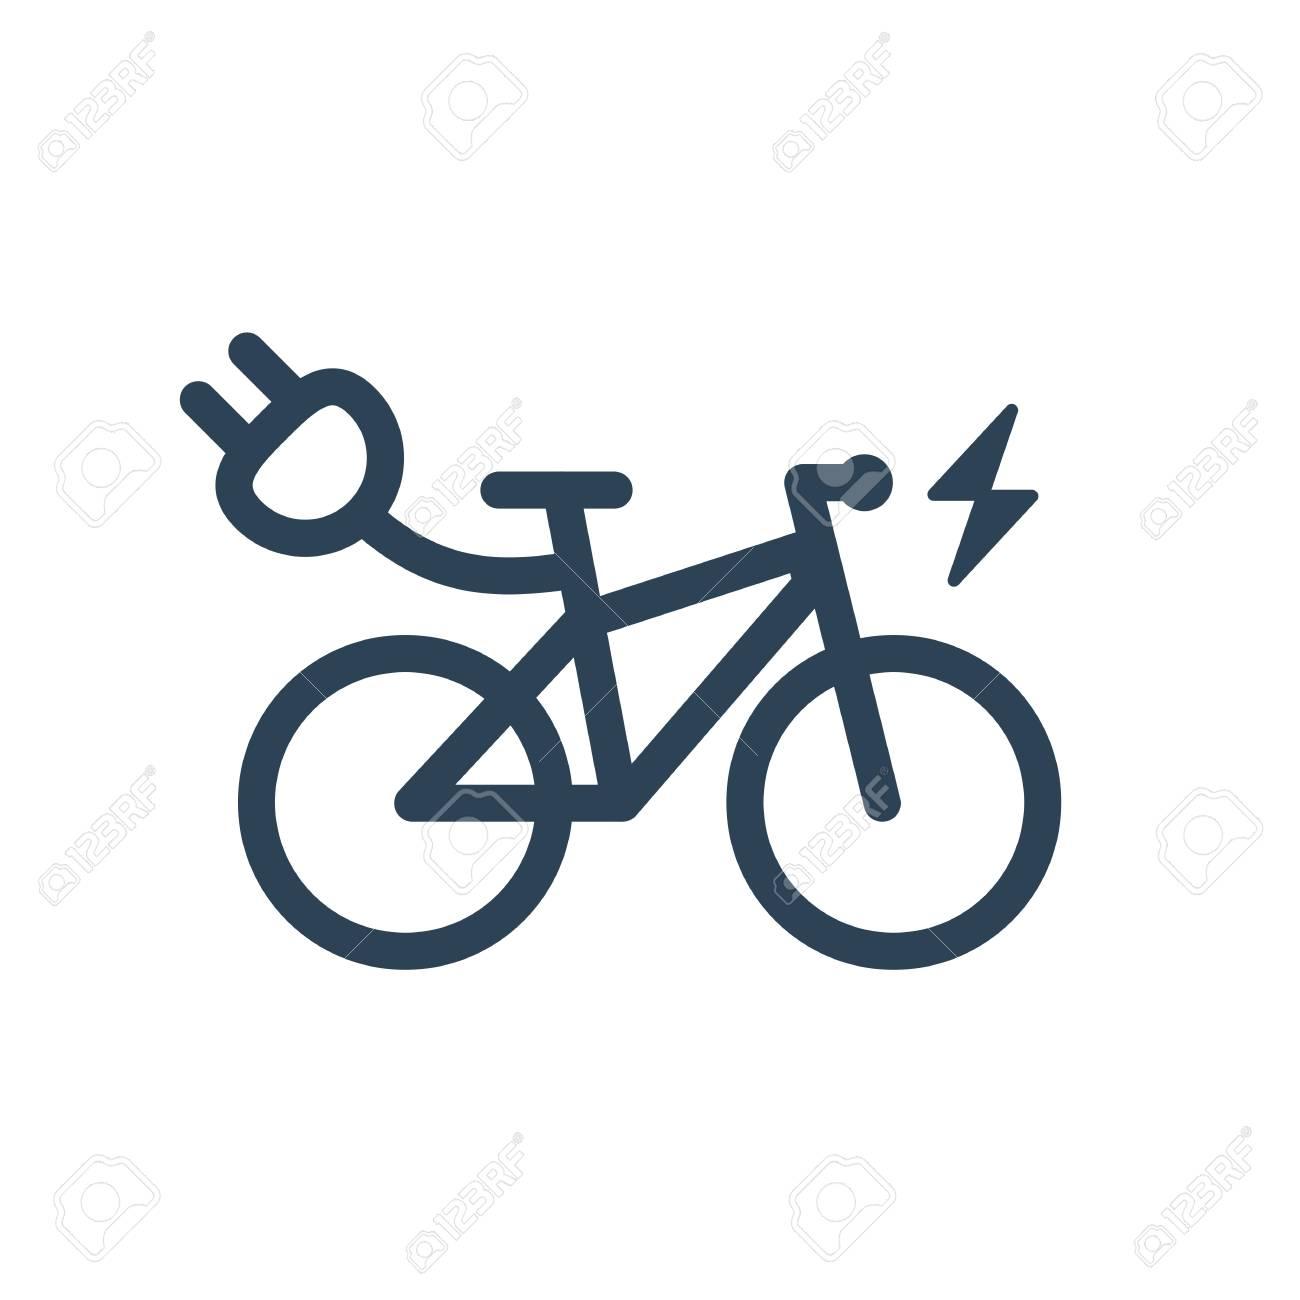 Icona Elettrica Isolata Di Simbolo Della Bici Di Città Su Fondo Bianco Sagoma Di Linea Di E Bike Trekking Con Segno Di Fulmine Di Illuminazione